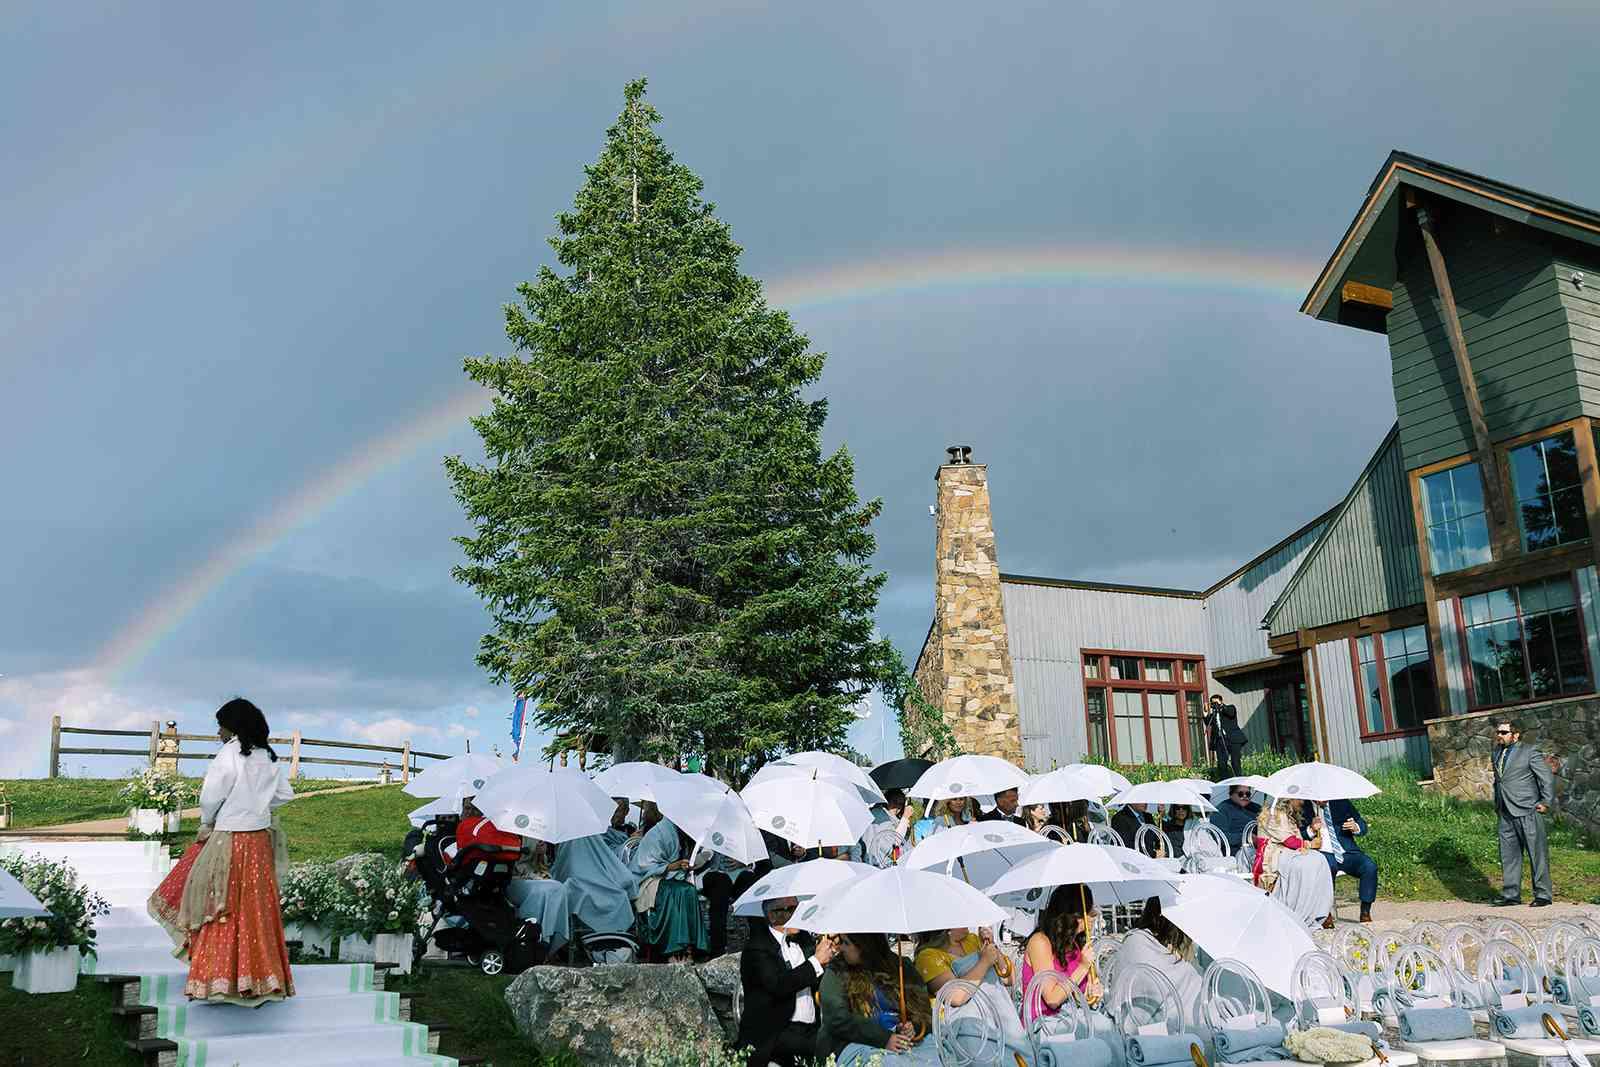 rainbow above wedding ceremony